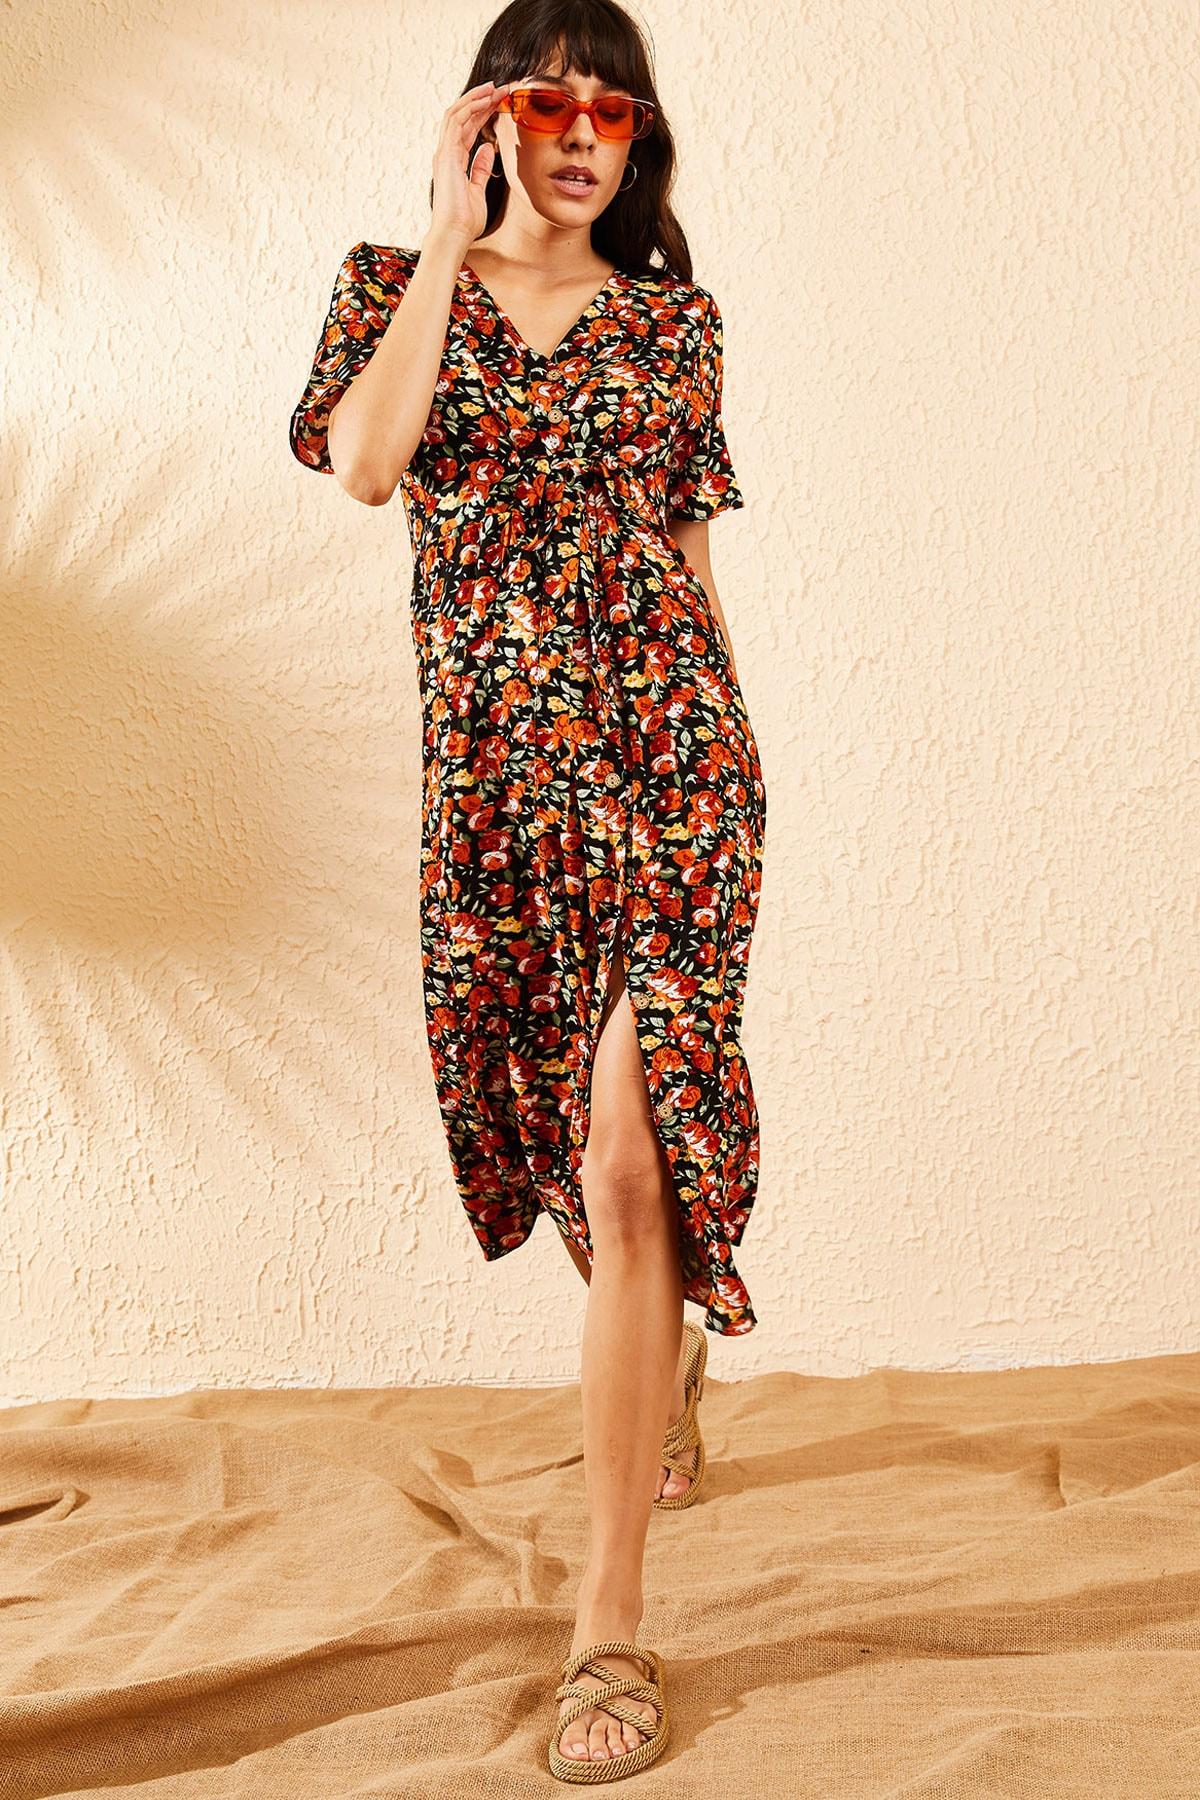 Bianco Lucci Kadın Turuncu Çiçek Desenli Beli Kuşaklı Düğmeli Rahat Elbise 10091009 3